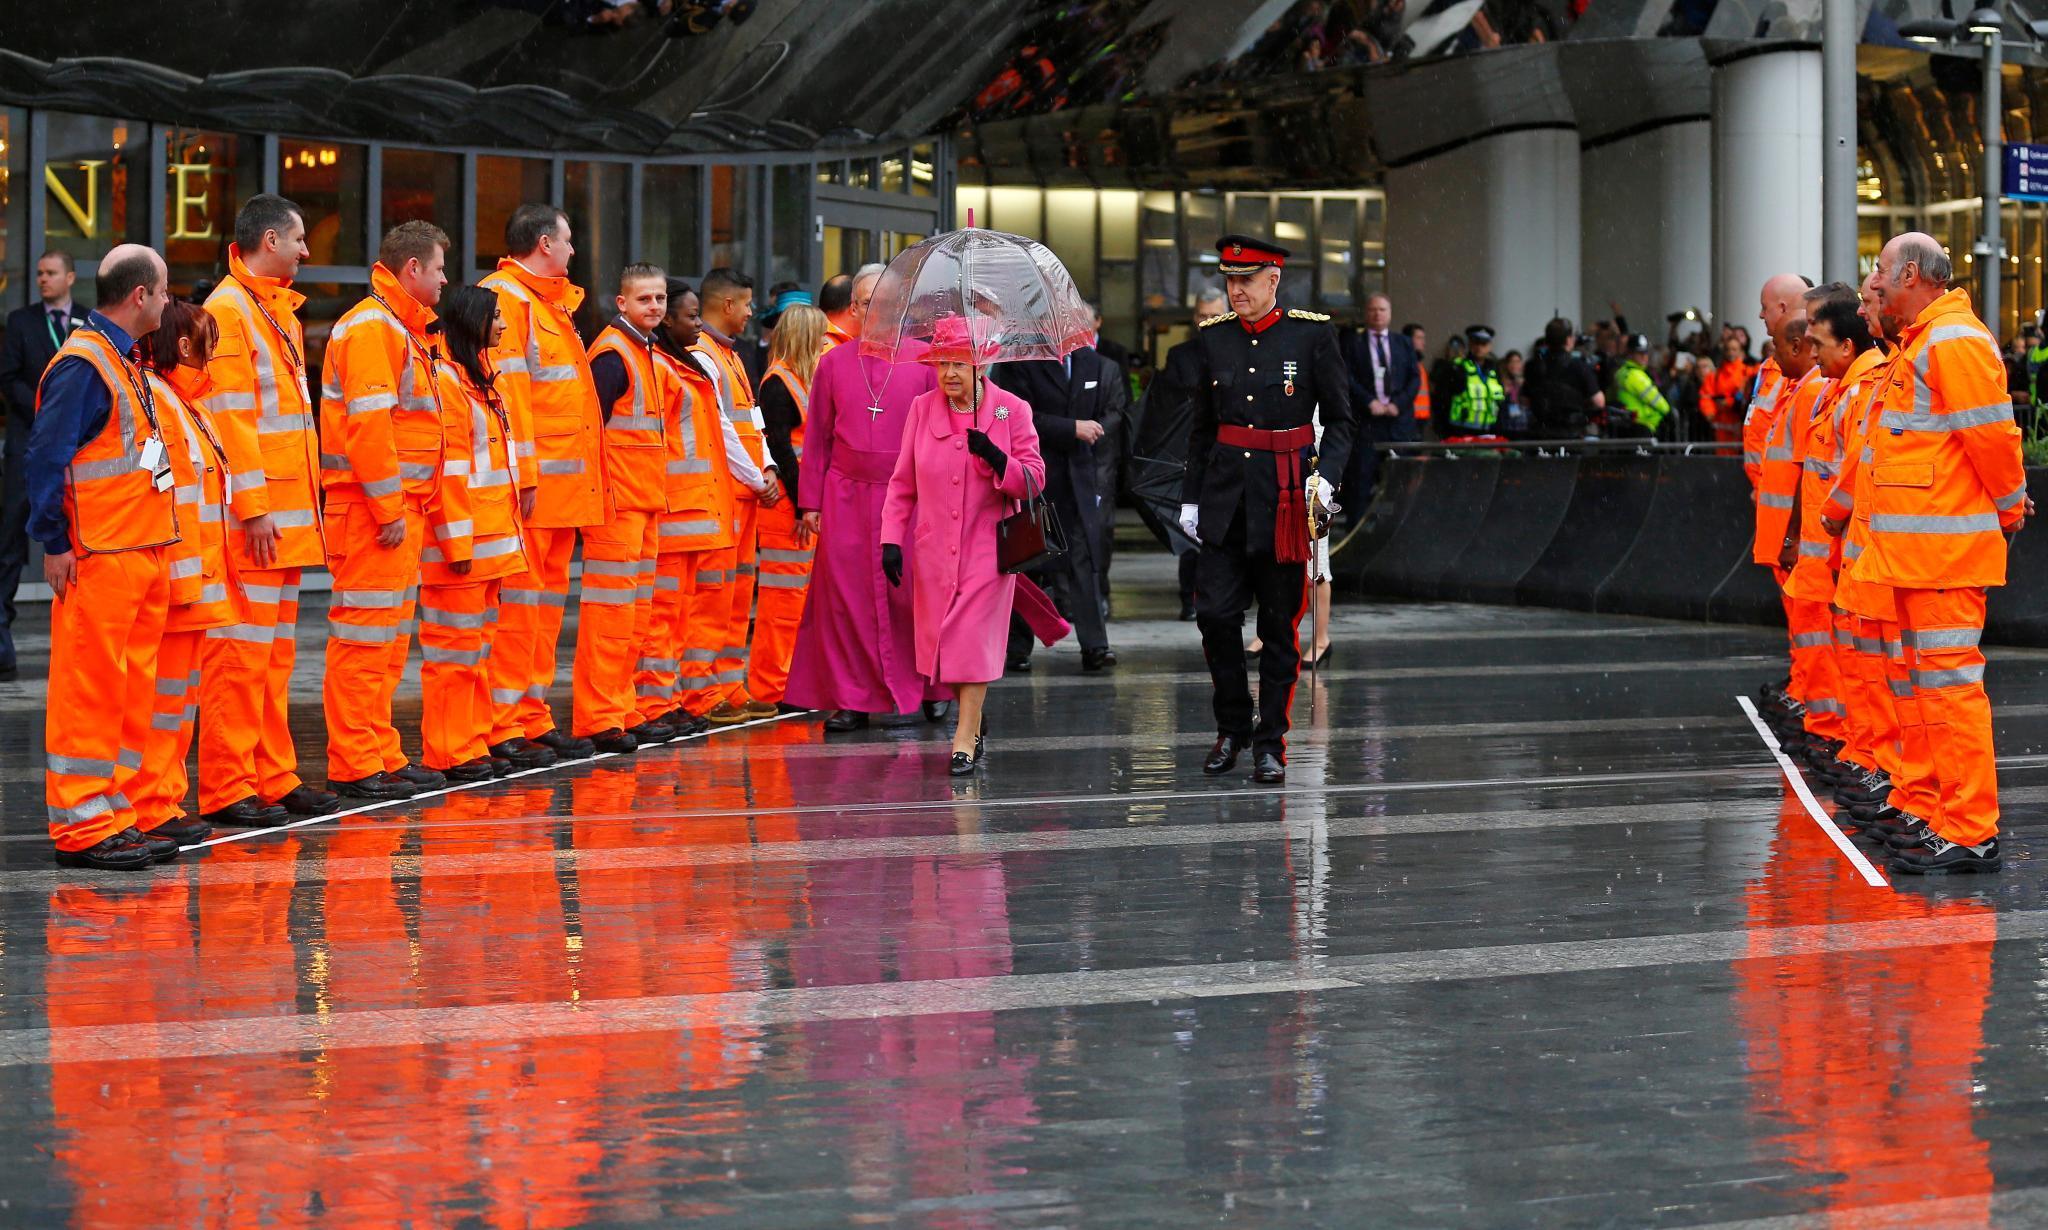 Die Queen kommt in einem pinken Mantel nach Birmingham, dessen leuchtende Farbe besonders stark auffällt, als sie von den Metro-Mitarbeitern umgeben ist.